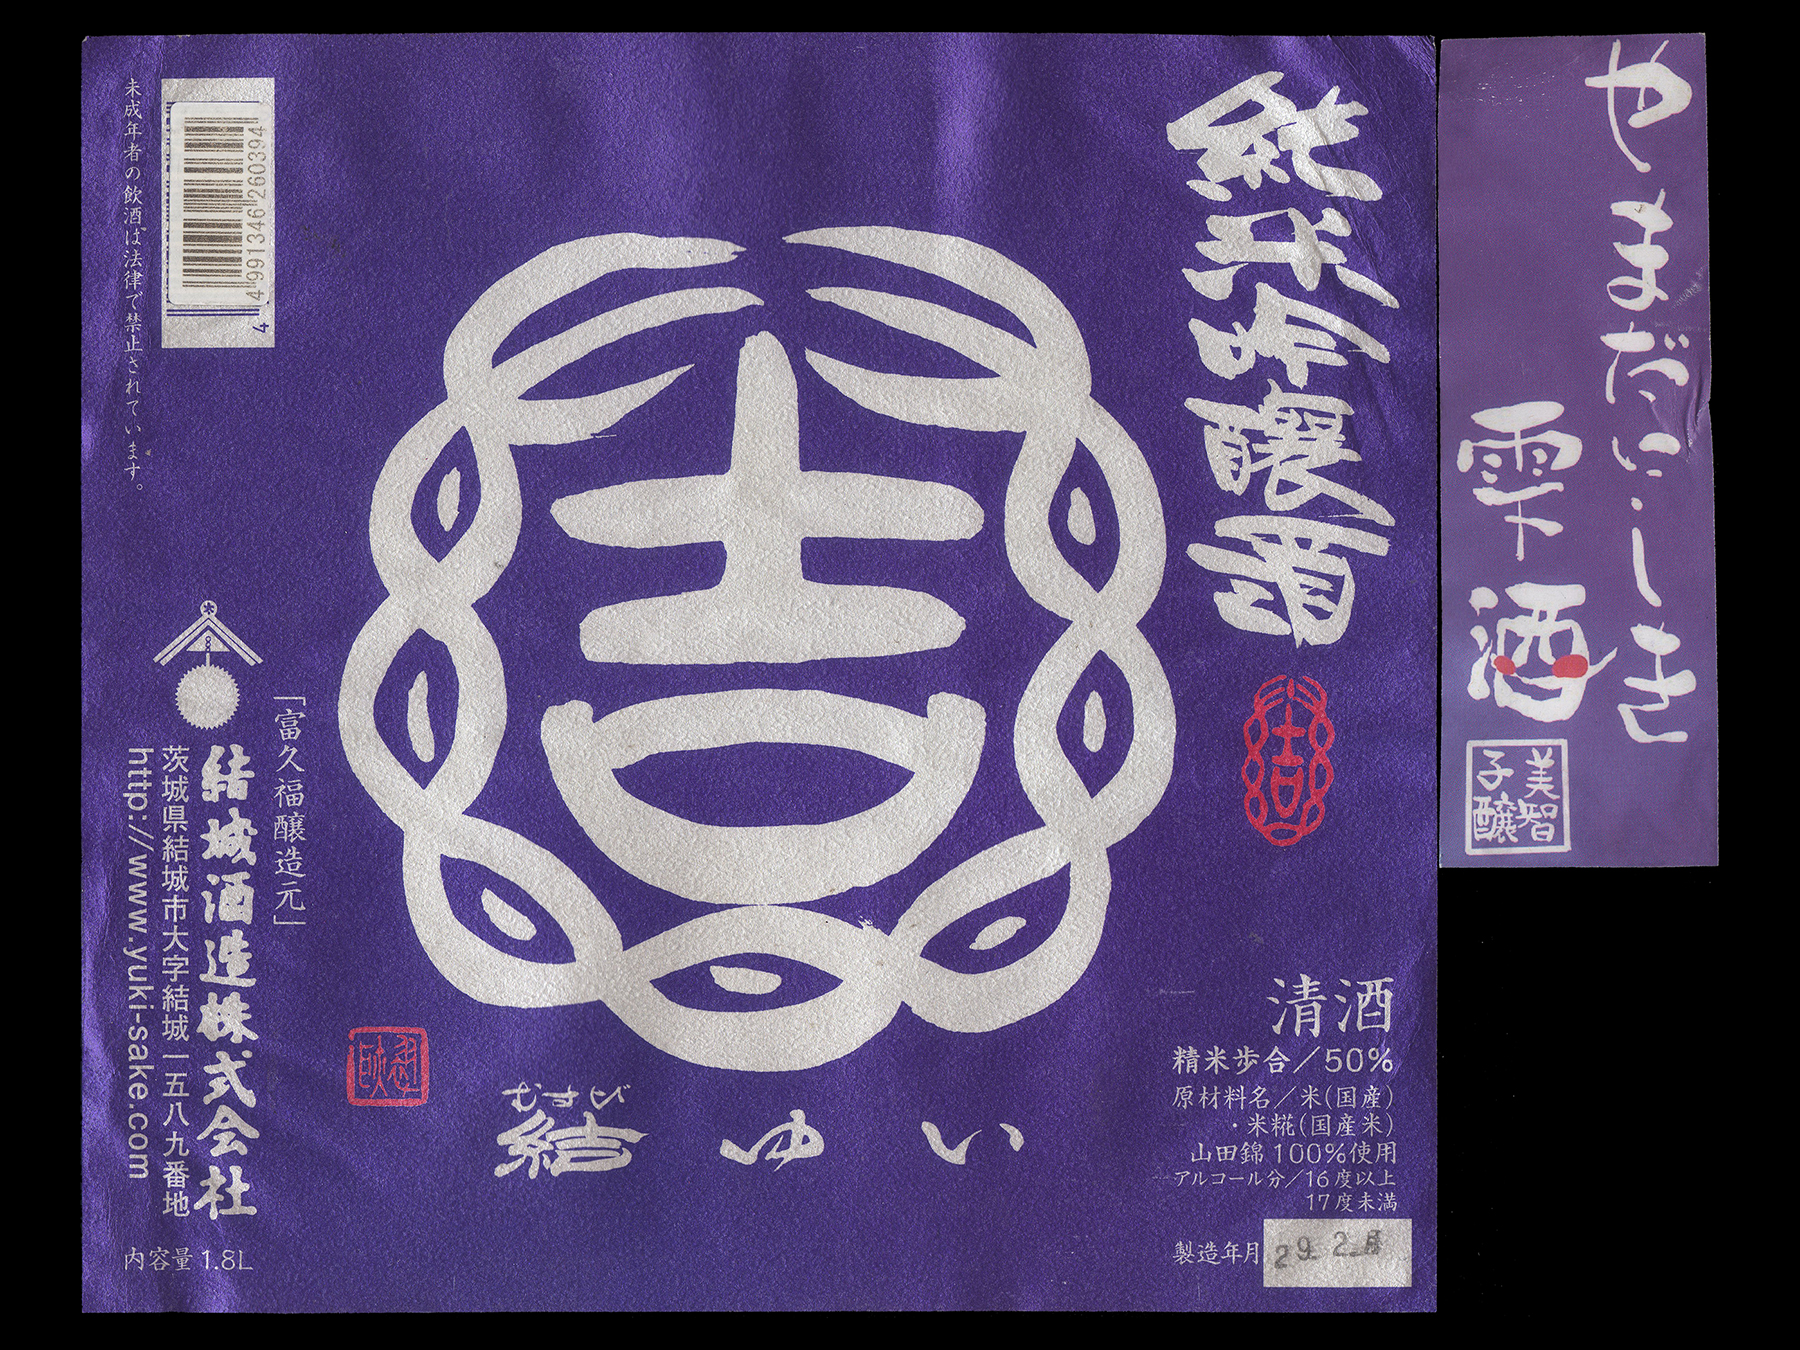 結ゆい(むすびゆい)「純米吟醸」山田錦雫酒ラベル